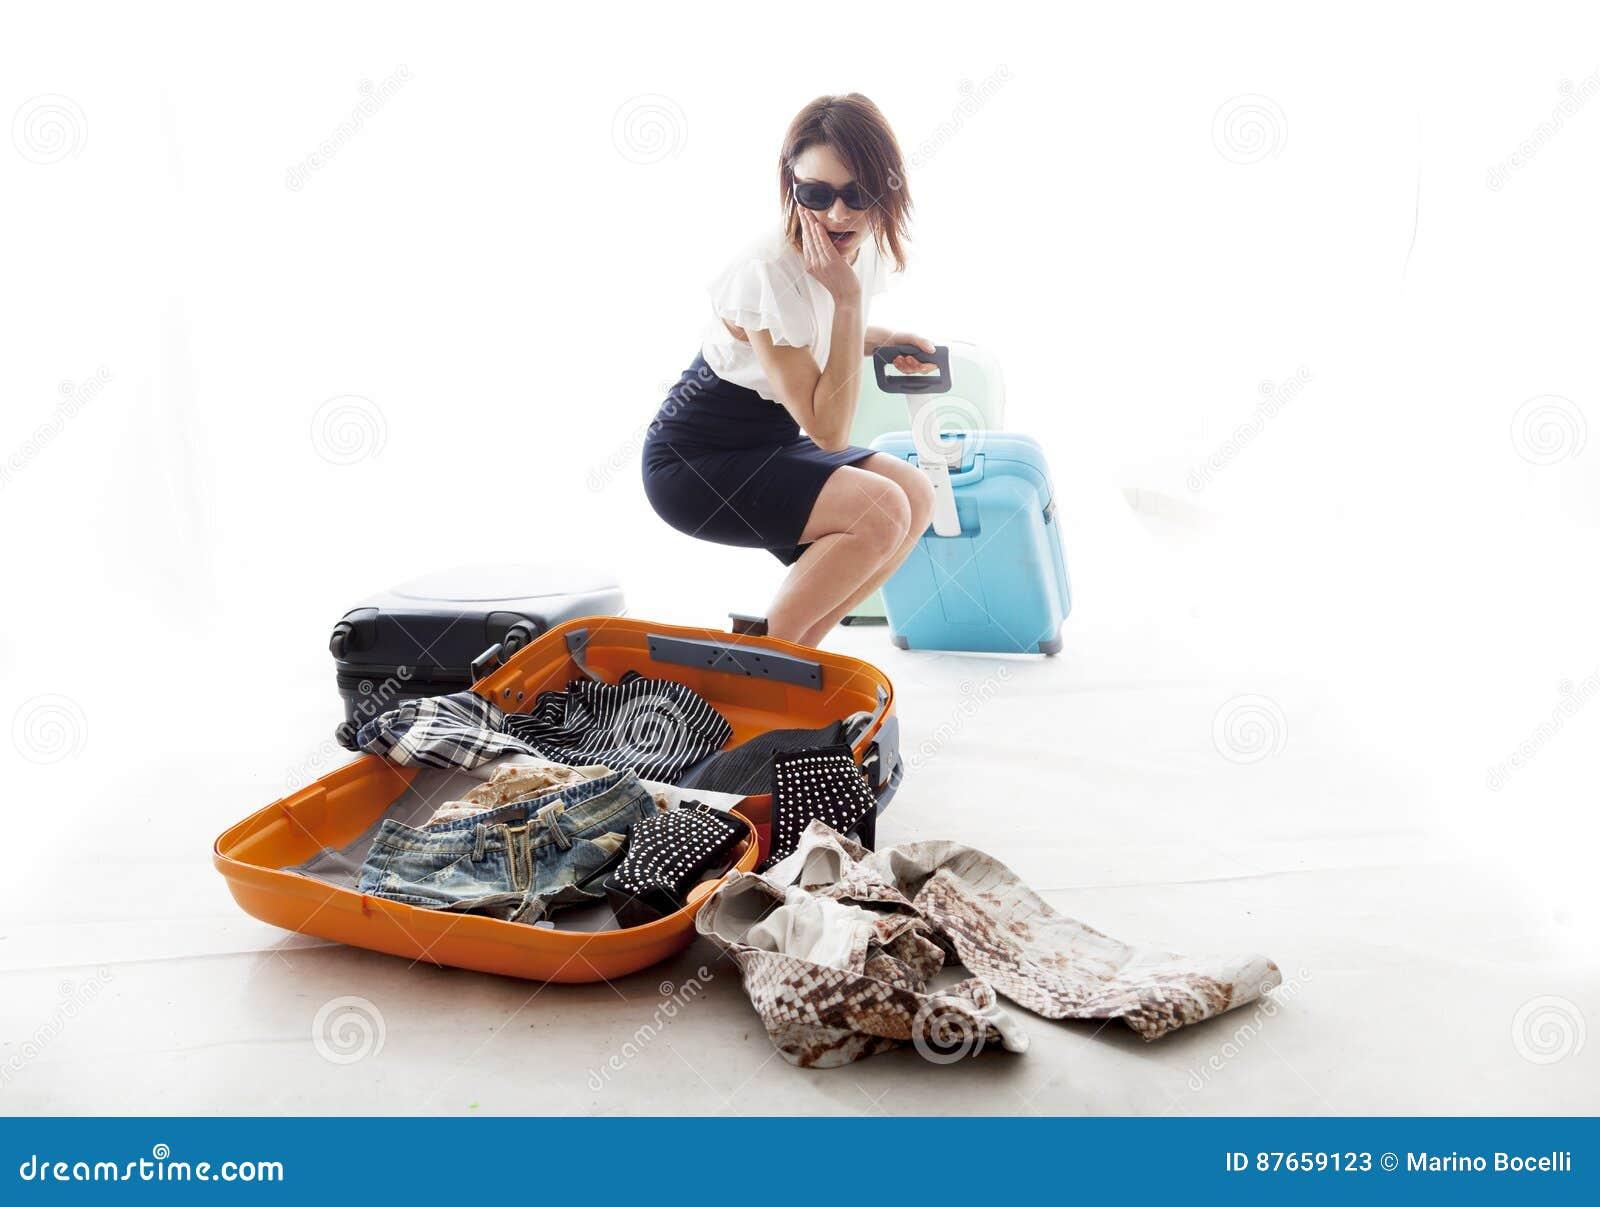 Η νέα γυναίκα έχασε τα ενδύματα από τη βαλίτσα του